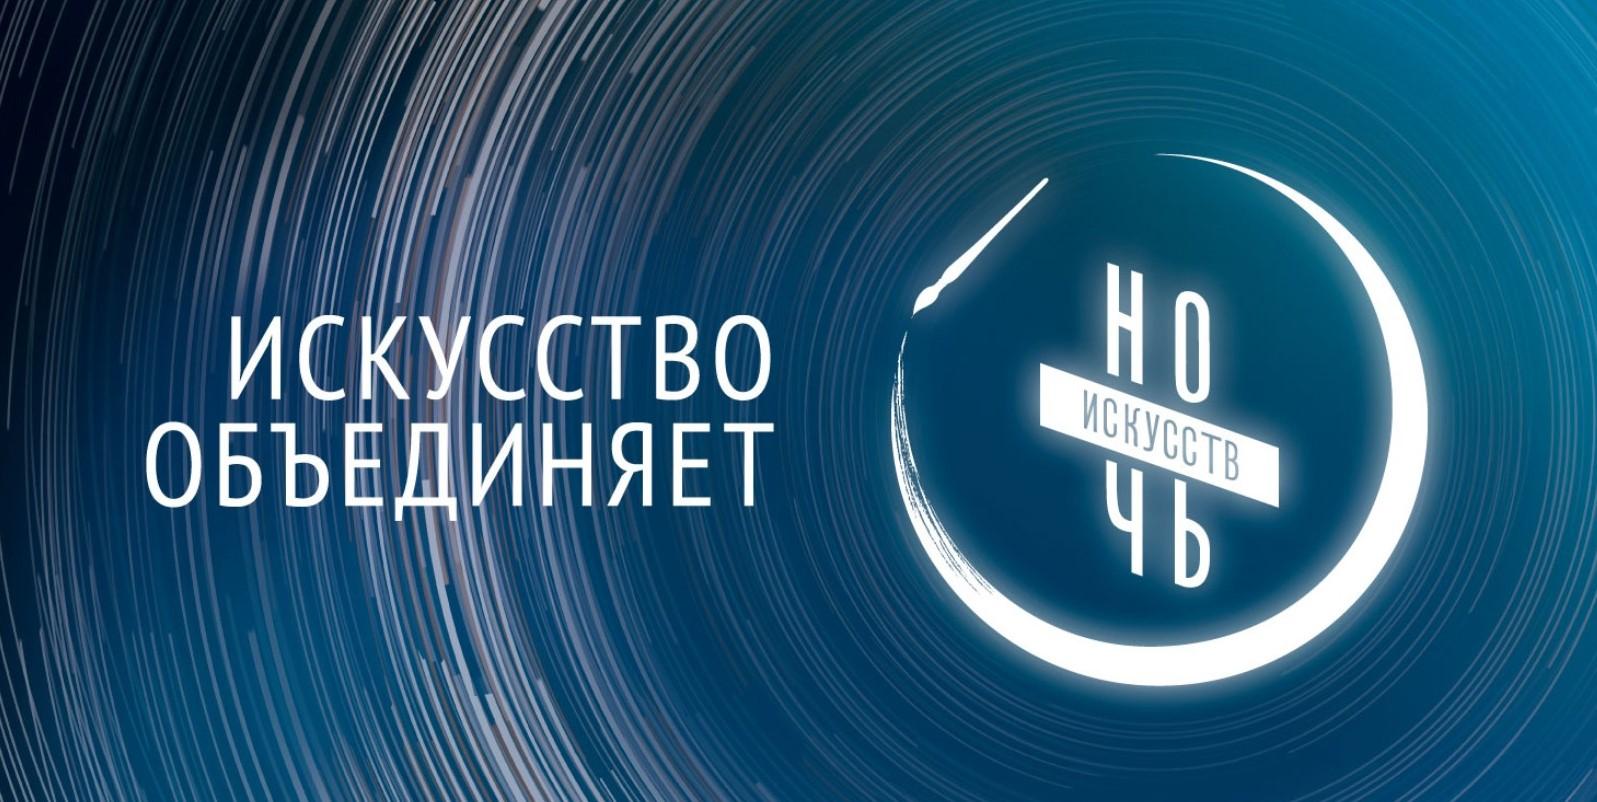 «Ночь искусств» на Серафимовой земле: что посмотреть в день акции